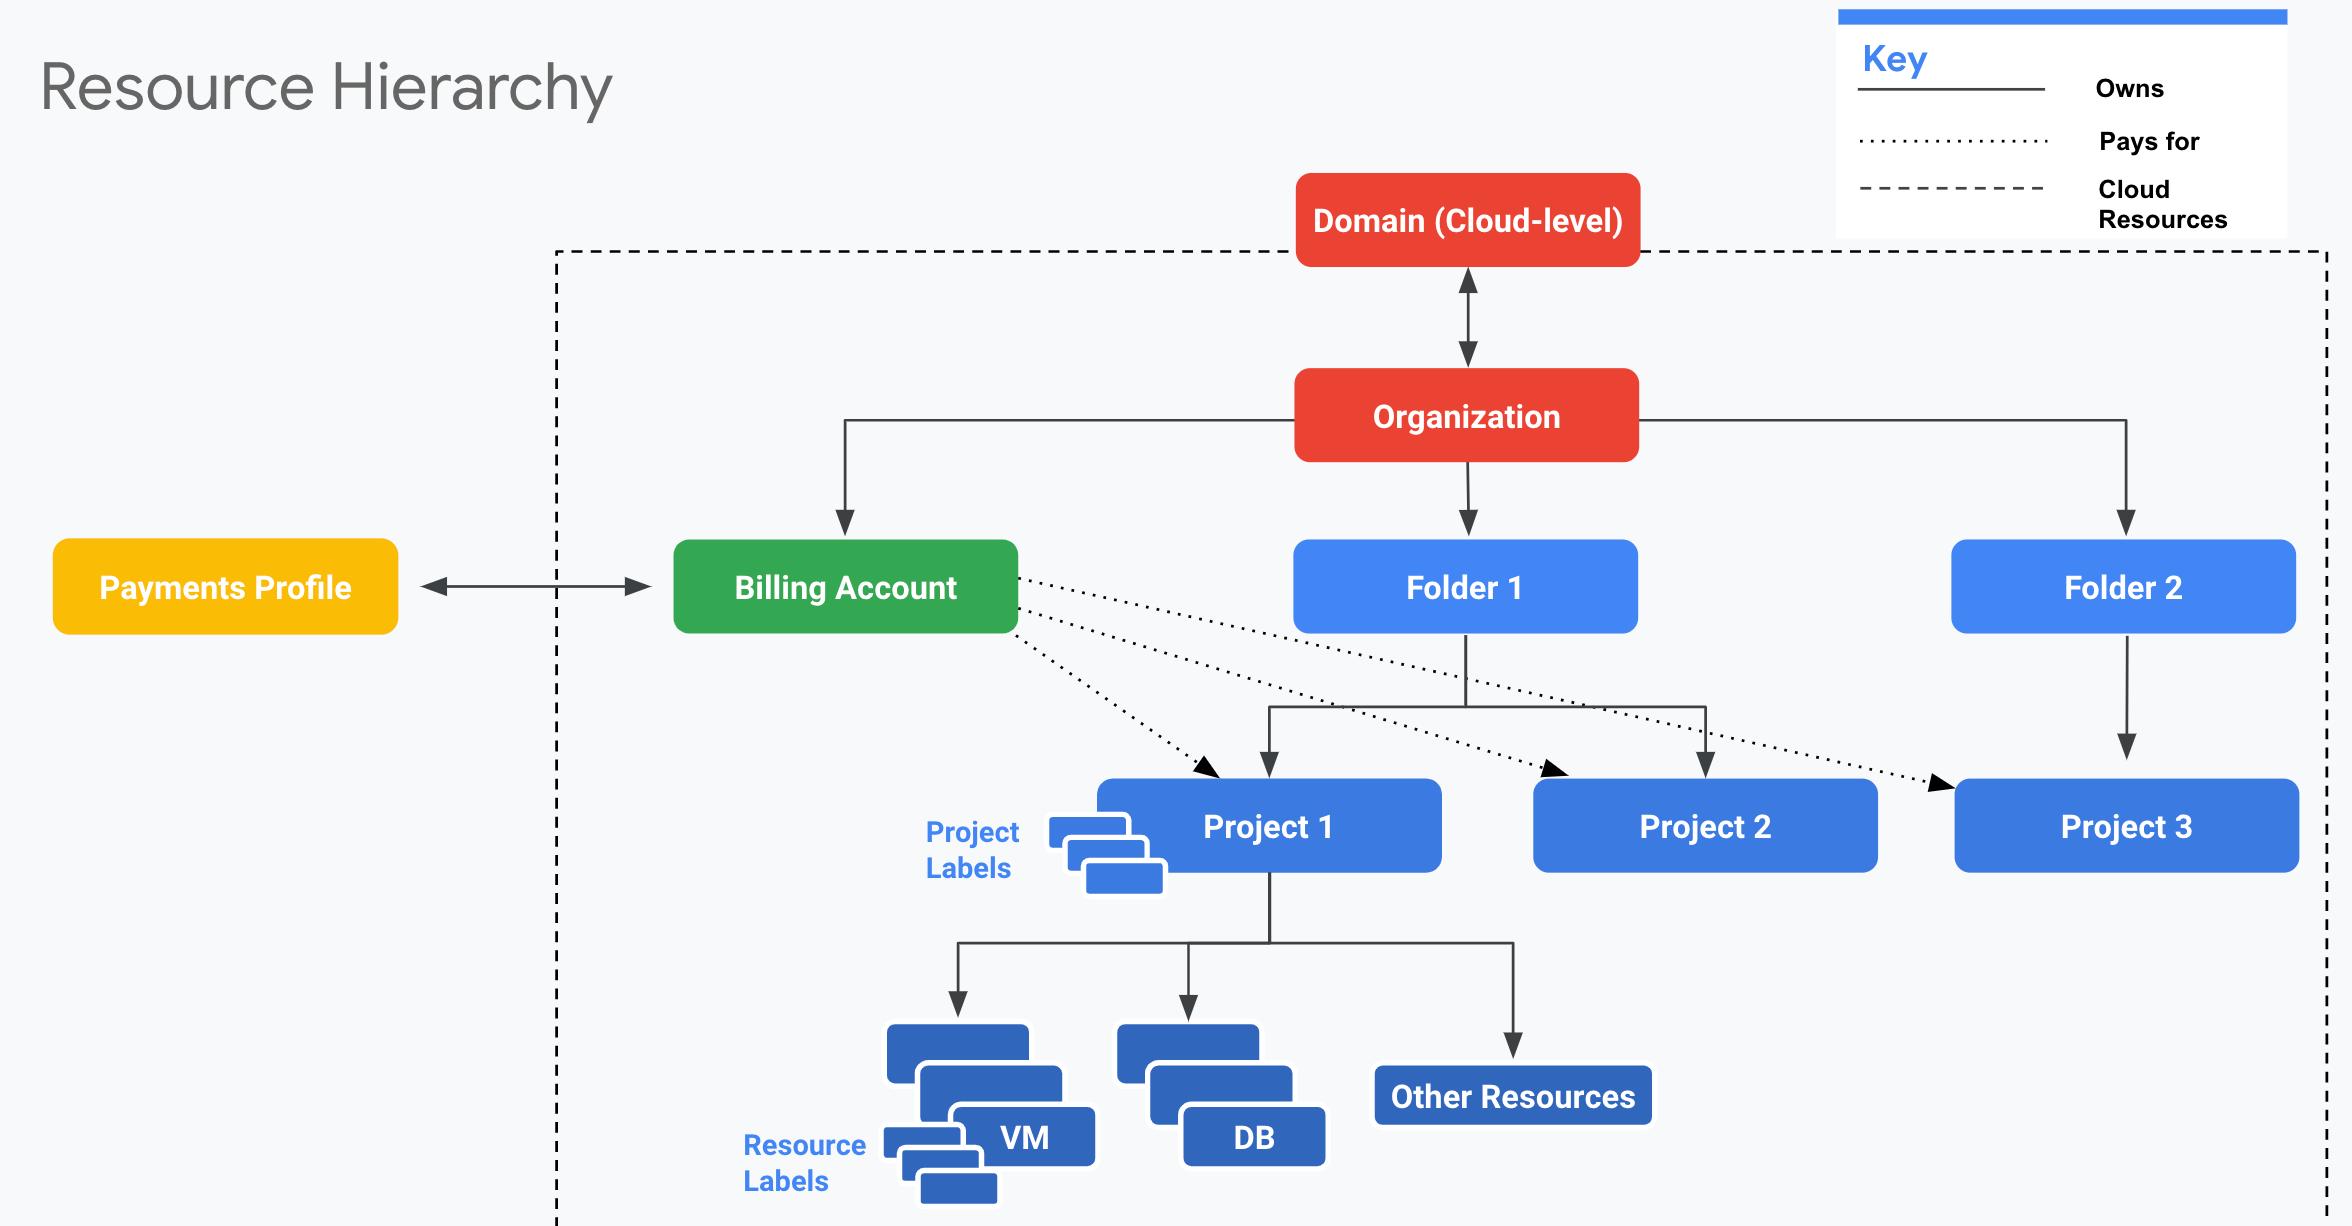 リソース階層の例。Google Cloud アカウントの管理に関連するコアアカウント レベルのリソースと、それらリソースの Cloud 請求先アカウントおよびお支払いプロファイルとの関連性を表しています。